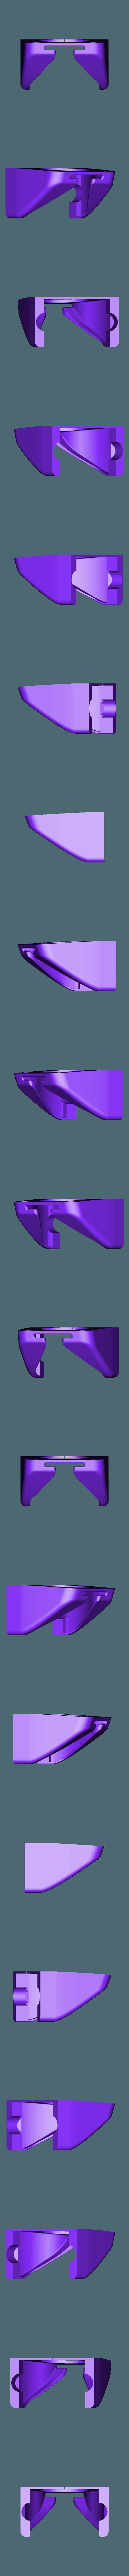 Extruder_Cable_Support_v2-5_SUPPORT.STL Télécharger fichier STL gratuit Décharge de traction du câble de l'extrudeuse (RigidBot) • Plan imprimable en 3D, WalterHsiao